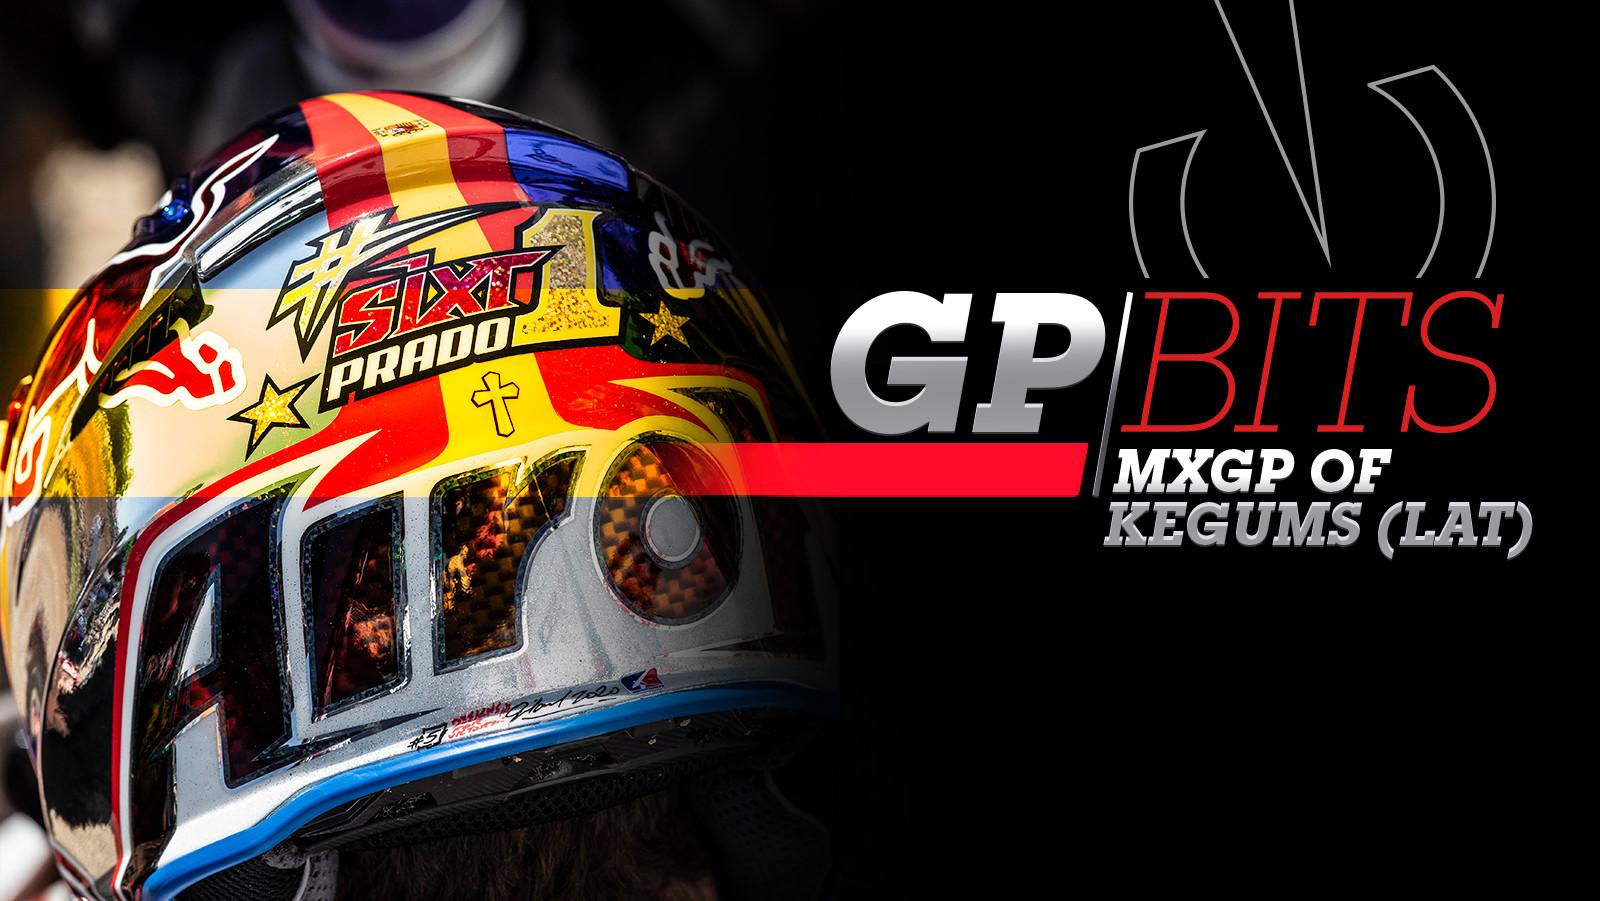 GP Bits: MXGP of Kegums   Round 5